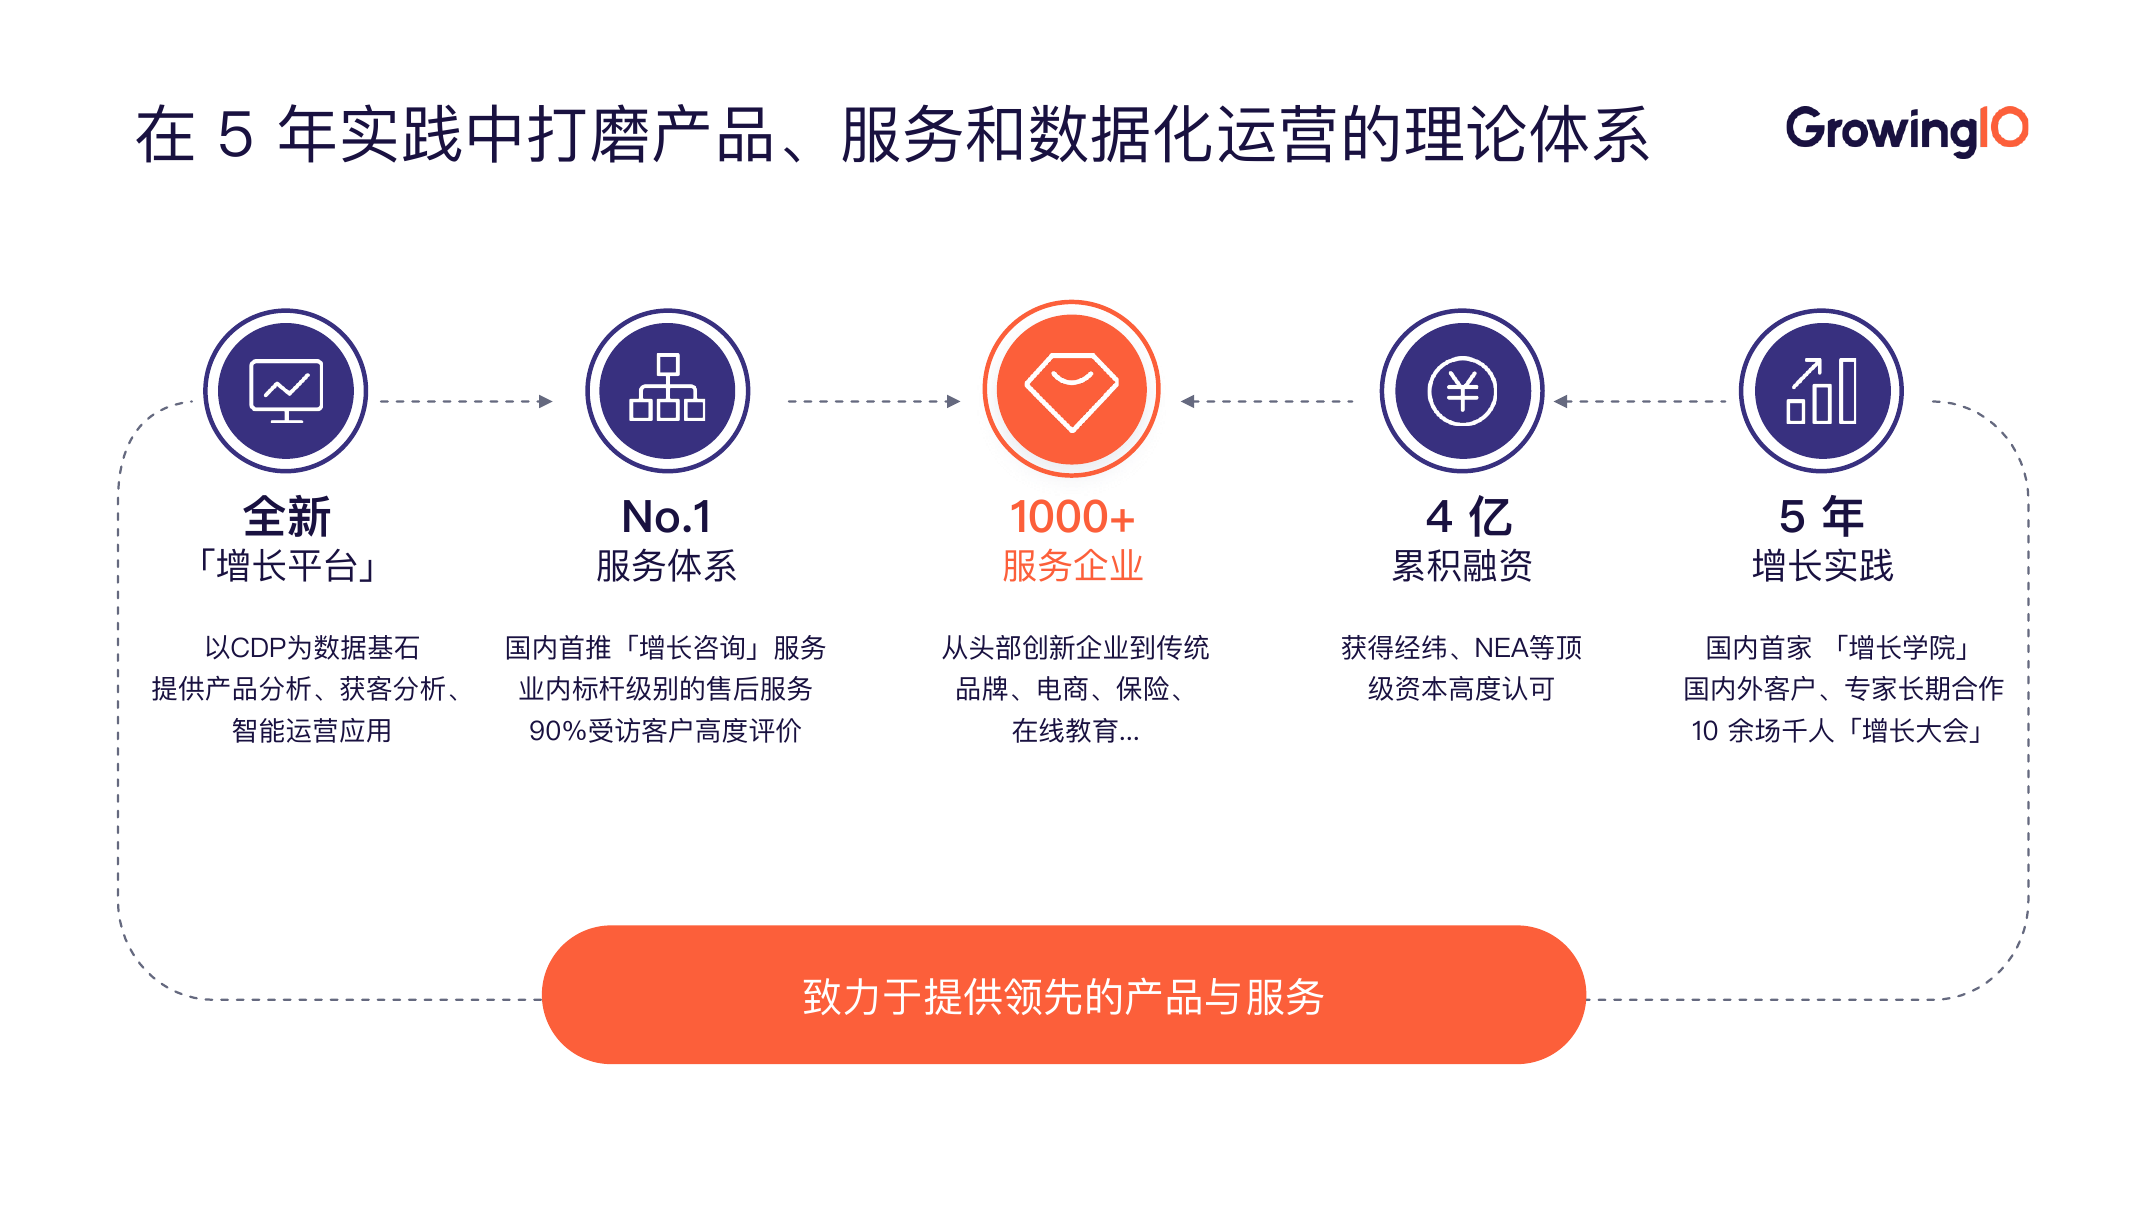 蜜芽宝贝:基于客户数据平台的电商增长实践(可下载报告)插图(51)